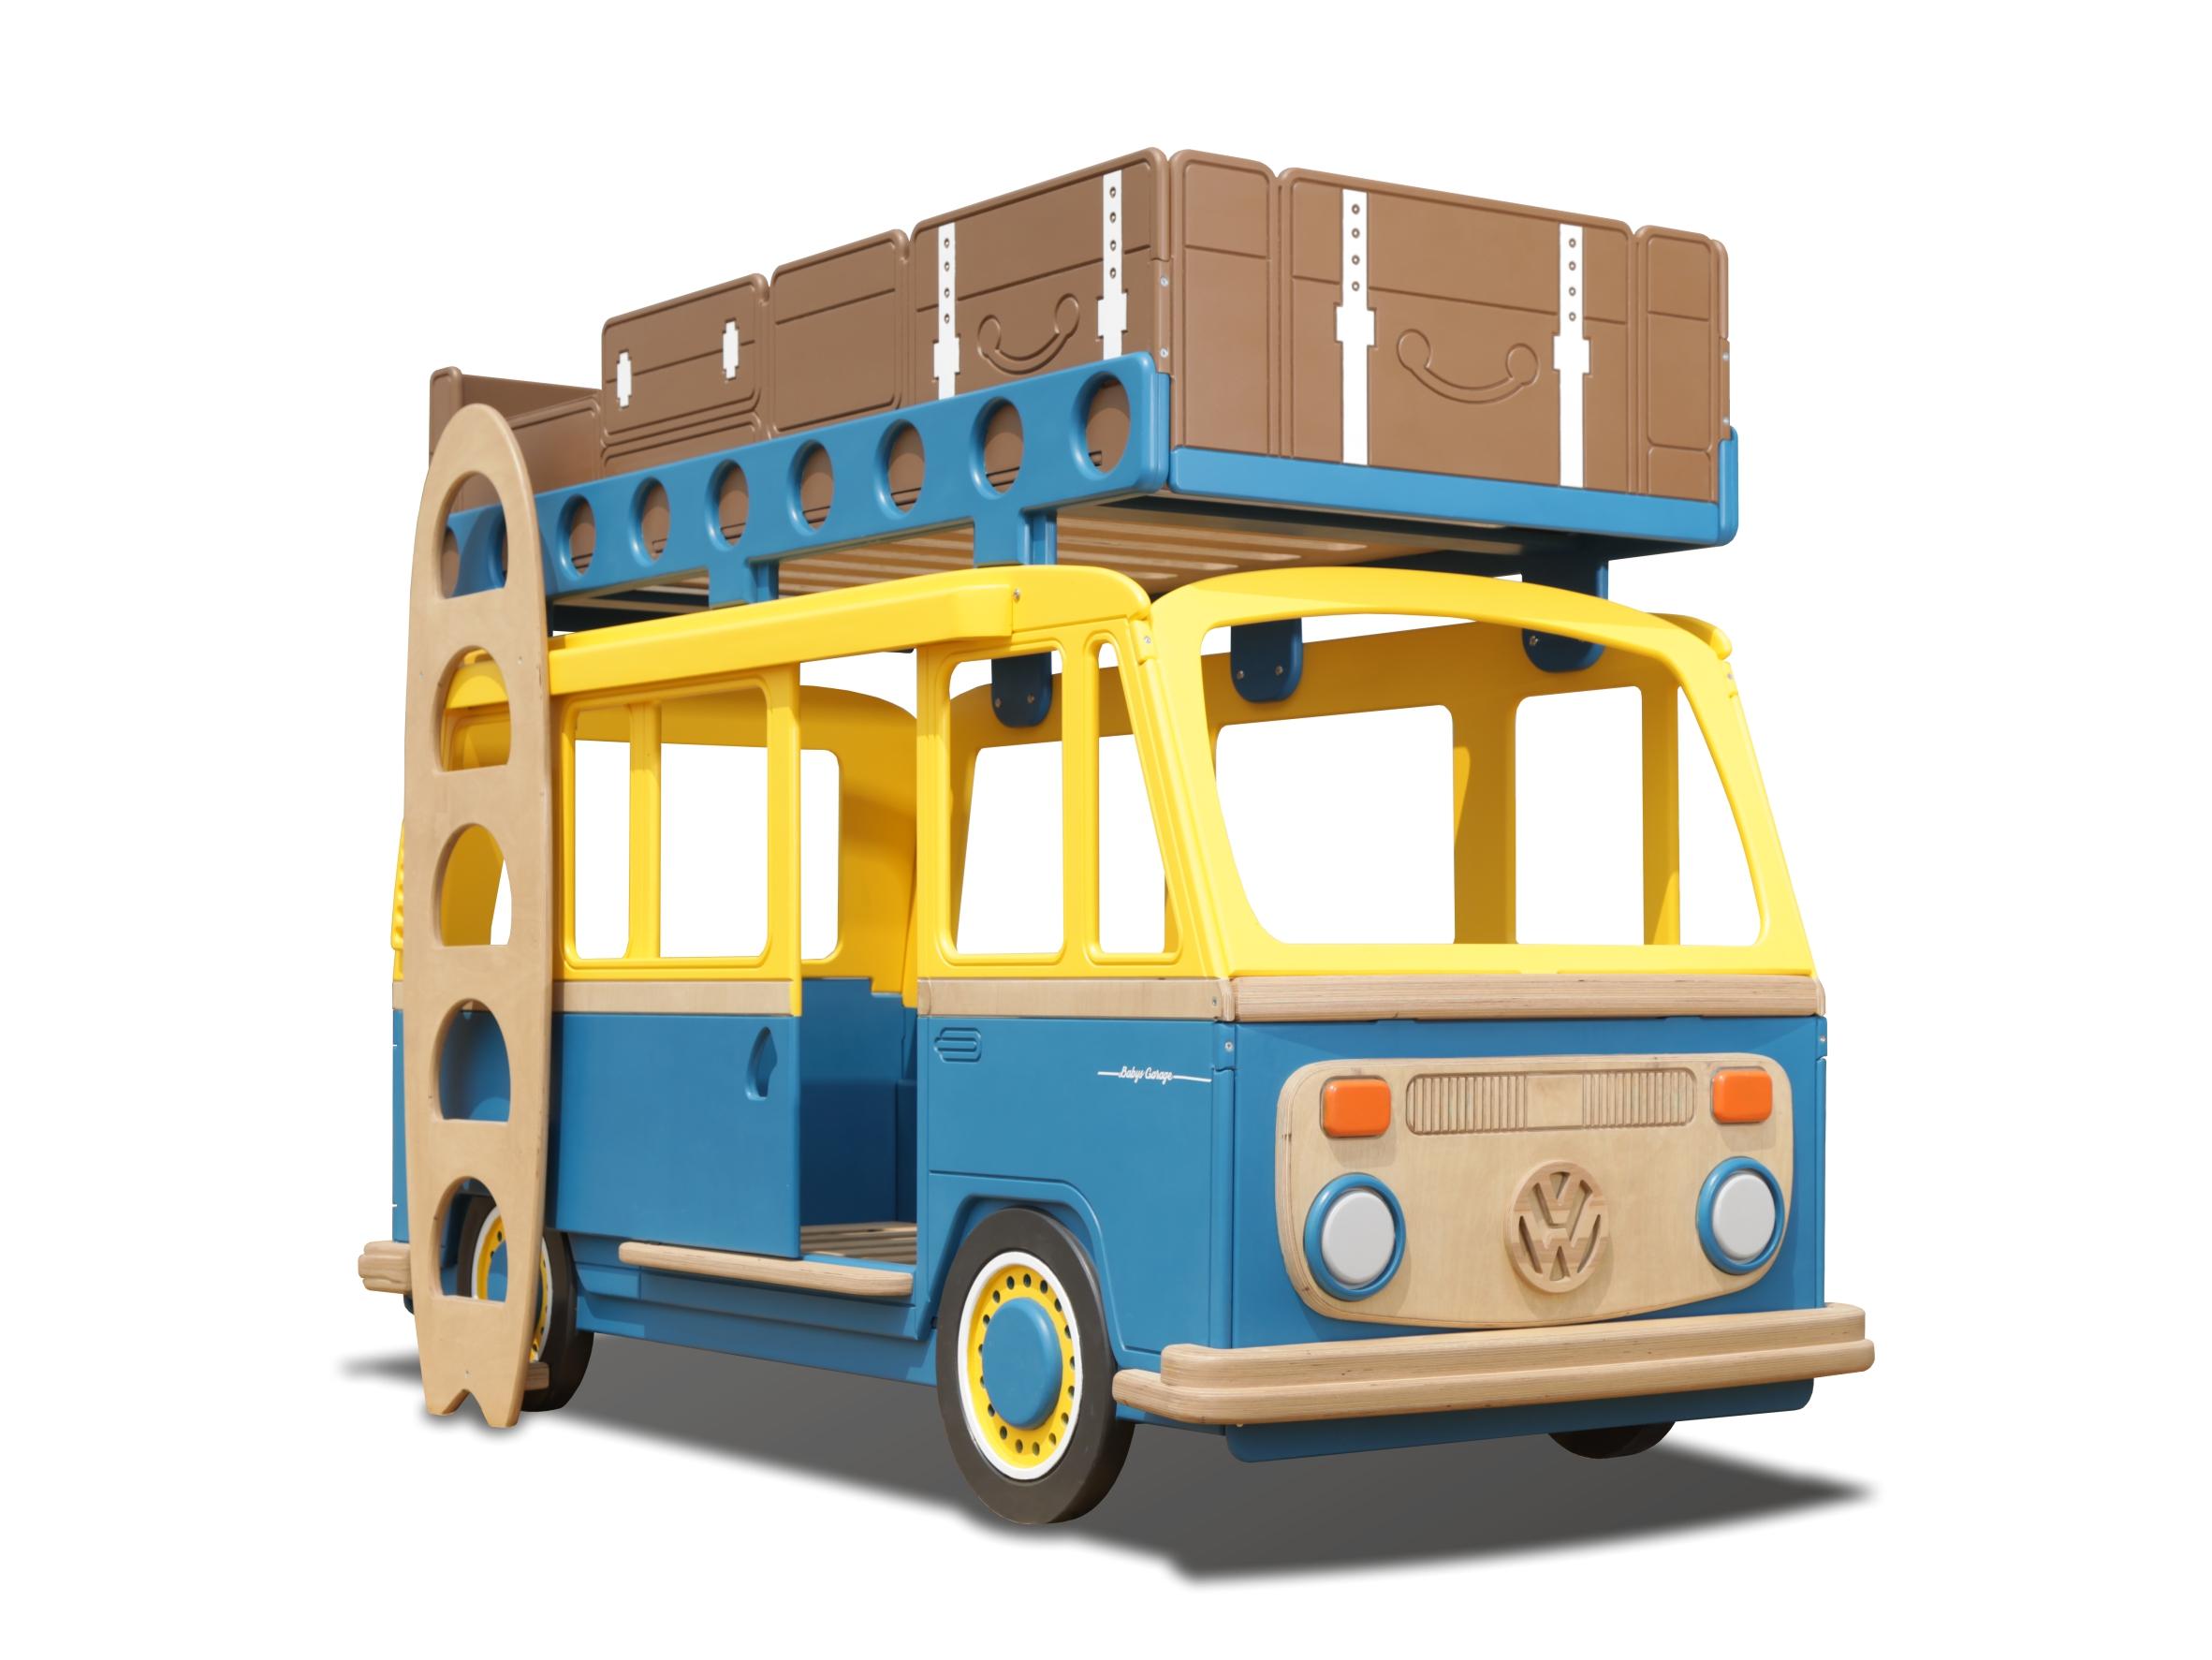 Двухярусная кровать Camper TwoПодростковые кровати<br>Кровать изготовлена по классическим формам Volkswagen Camper. Кровать сделана вручную из натуральной высокосортной березовой фанеры. Корпус покрыт гипоаллергенной акриловой эмалью на водной основе. Качество и экологичность соответствует всем действующим европейским нормам и подтверждается сертификатами.&amp;amp;nbsp;&amp;lt;div&amp;gt;&amp;lt;br&amp;gt;&amp;lt;/div&amp;gt;&amp;lt;div&amp;gt;В комплекте идут два детских ортопедических матраца.&amp;amp;nbsp;&amp;lt;/div&amp;gt;<br><br>Material: Дерево<br>Length см: 215<br>Width см: 105<br>Height см: 150